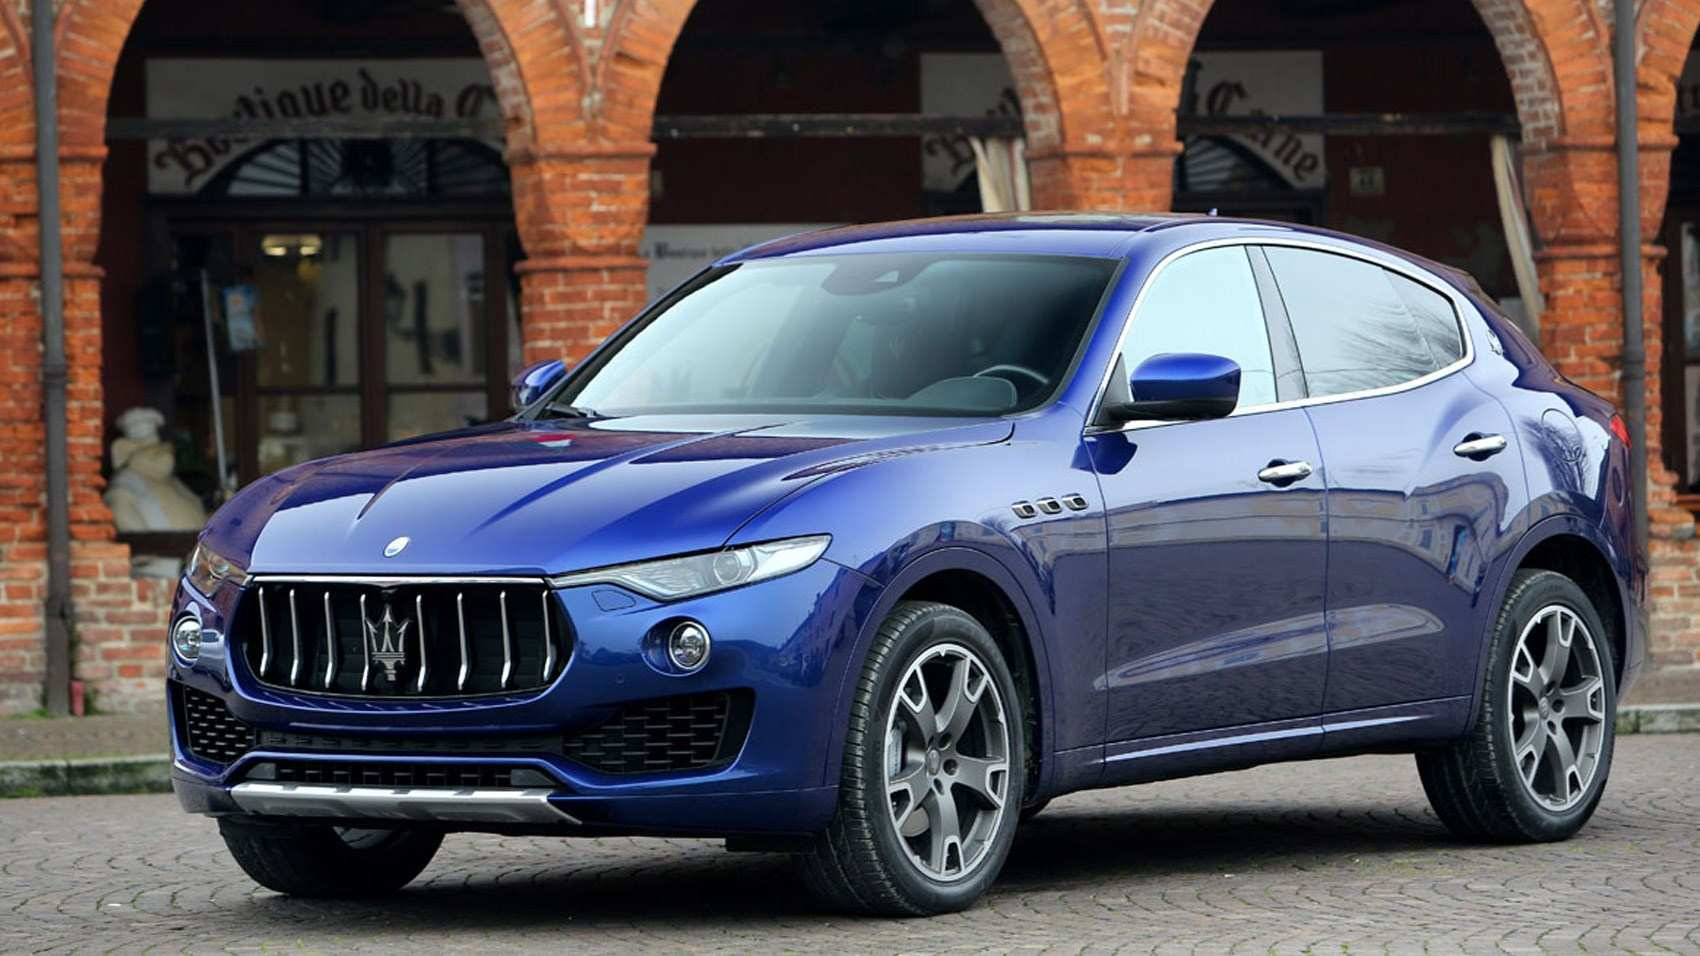 34 Concept of Maserati Elettrica 2020 Pricing for Maserati Elettrica 2020